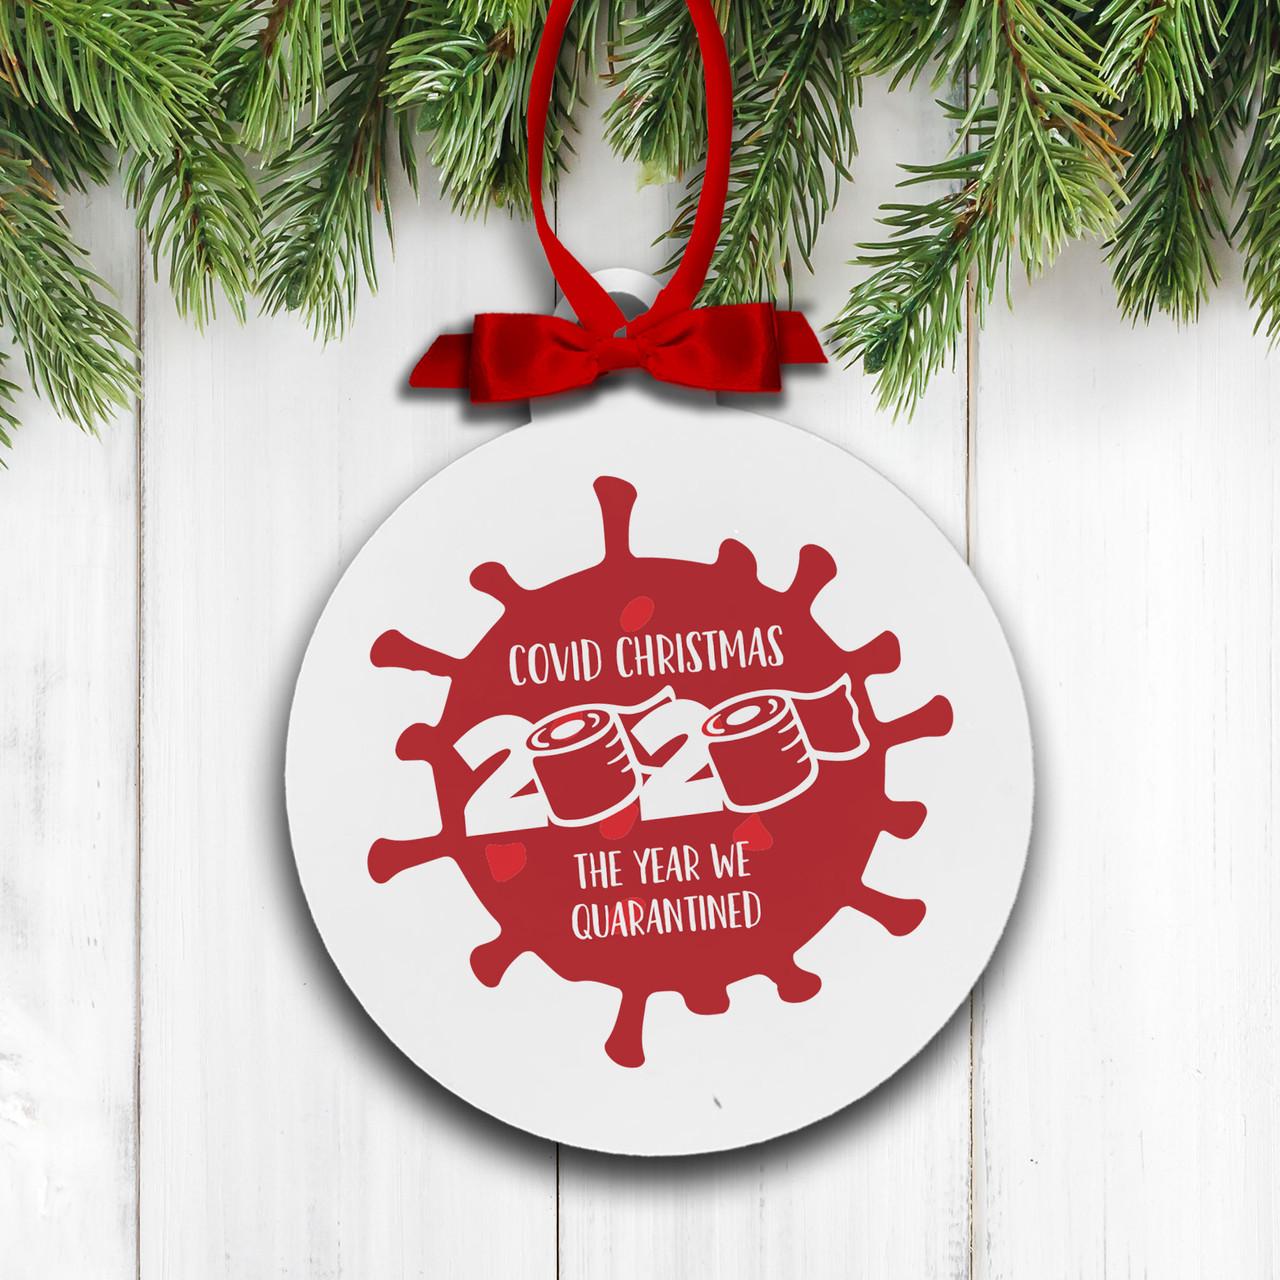 christmas 2020 ornament quarantined covid christmas holiday ornament covid christmas the year we quarantined holiday ornament